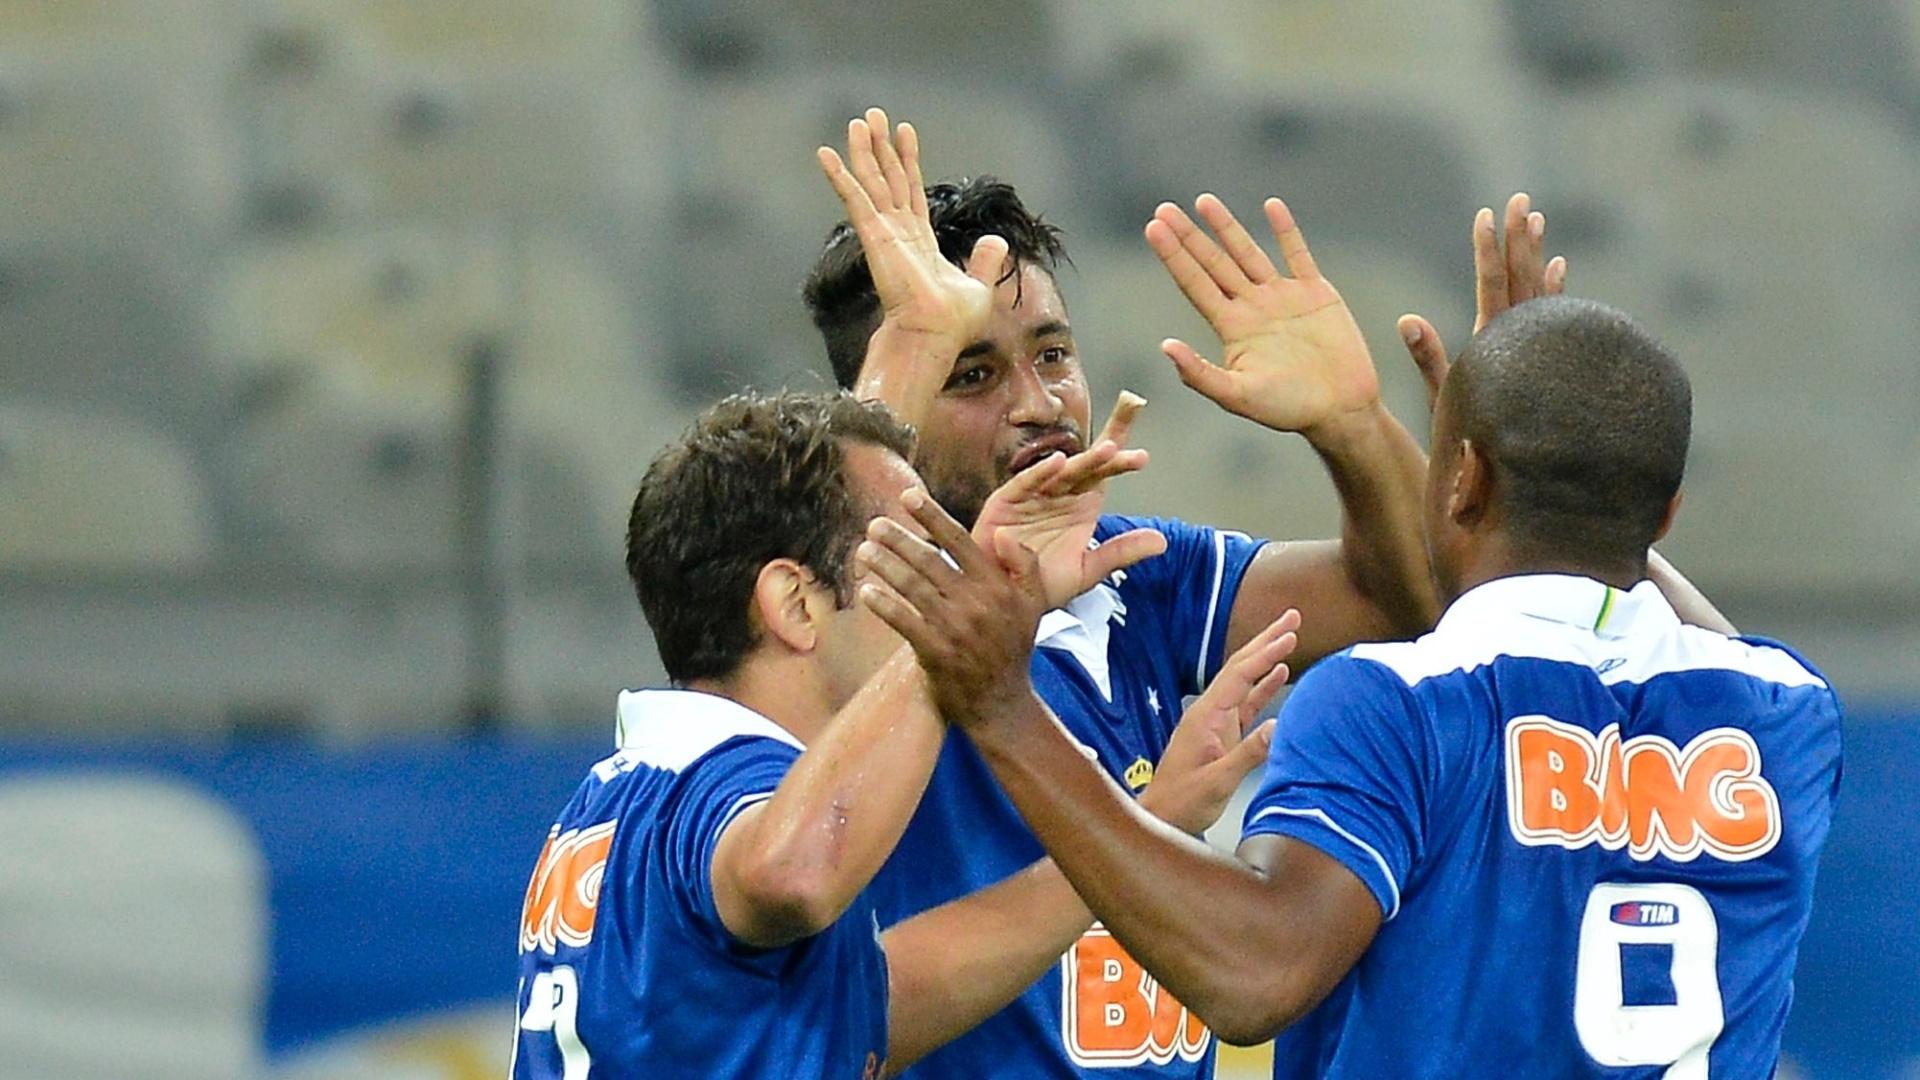 17.08.13 - Jogadores do Cruzeiro comemoram gol de Léo contra o Vitória em Belo Horizonte pelo Brasileirão